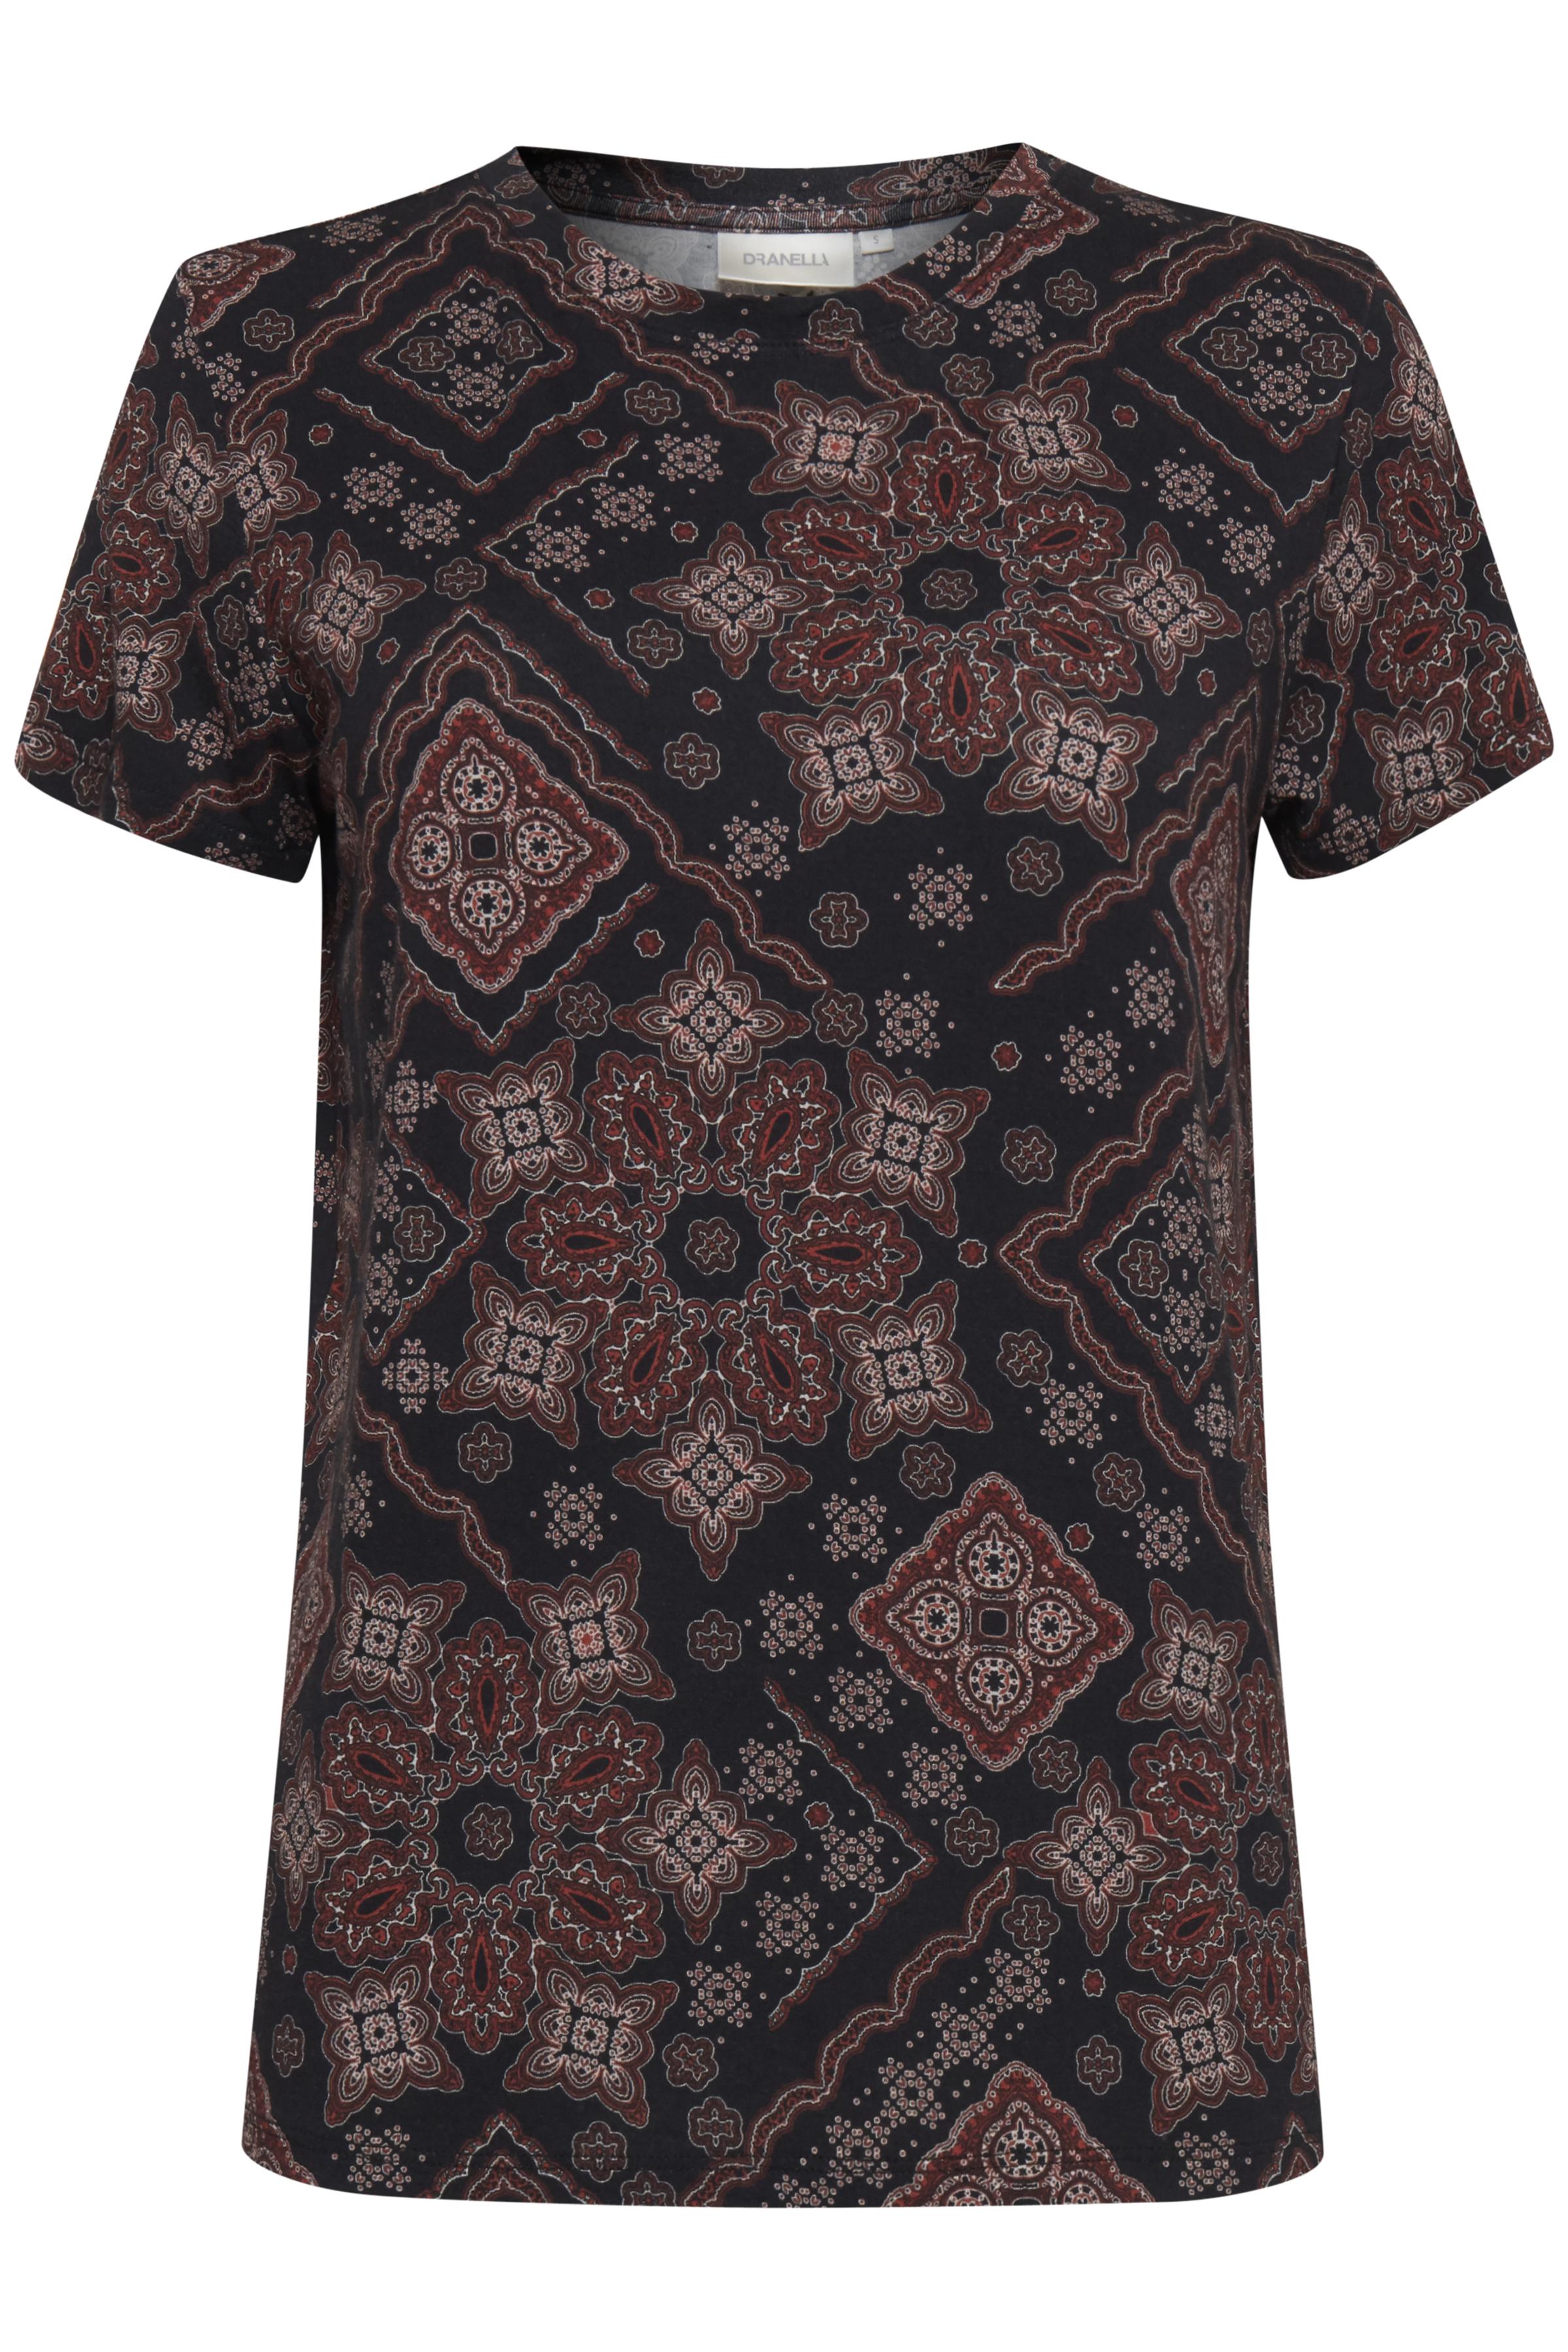 Image of Dranella Dame T-shirt - Sort/mørkerød